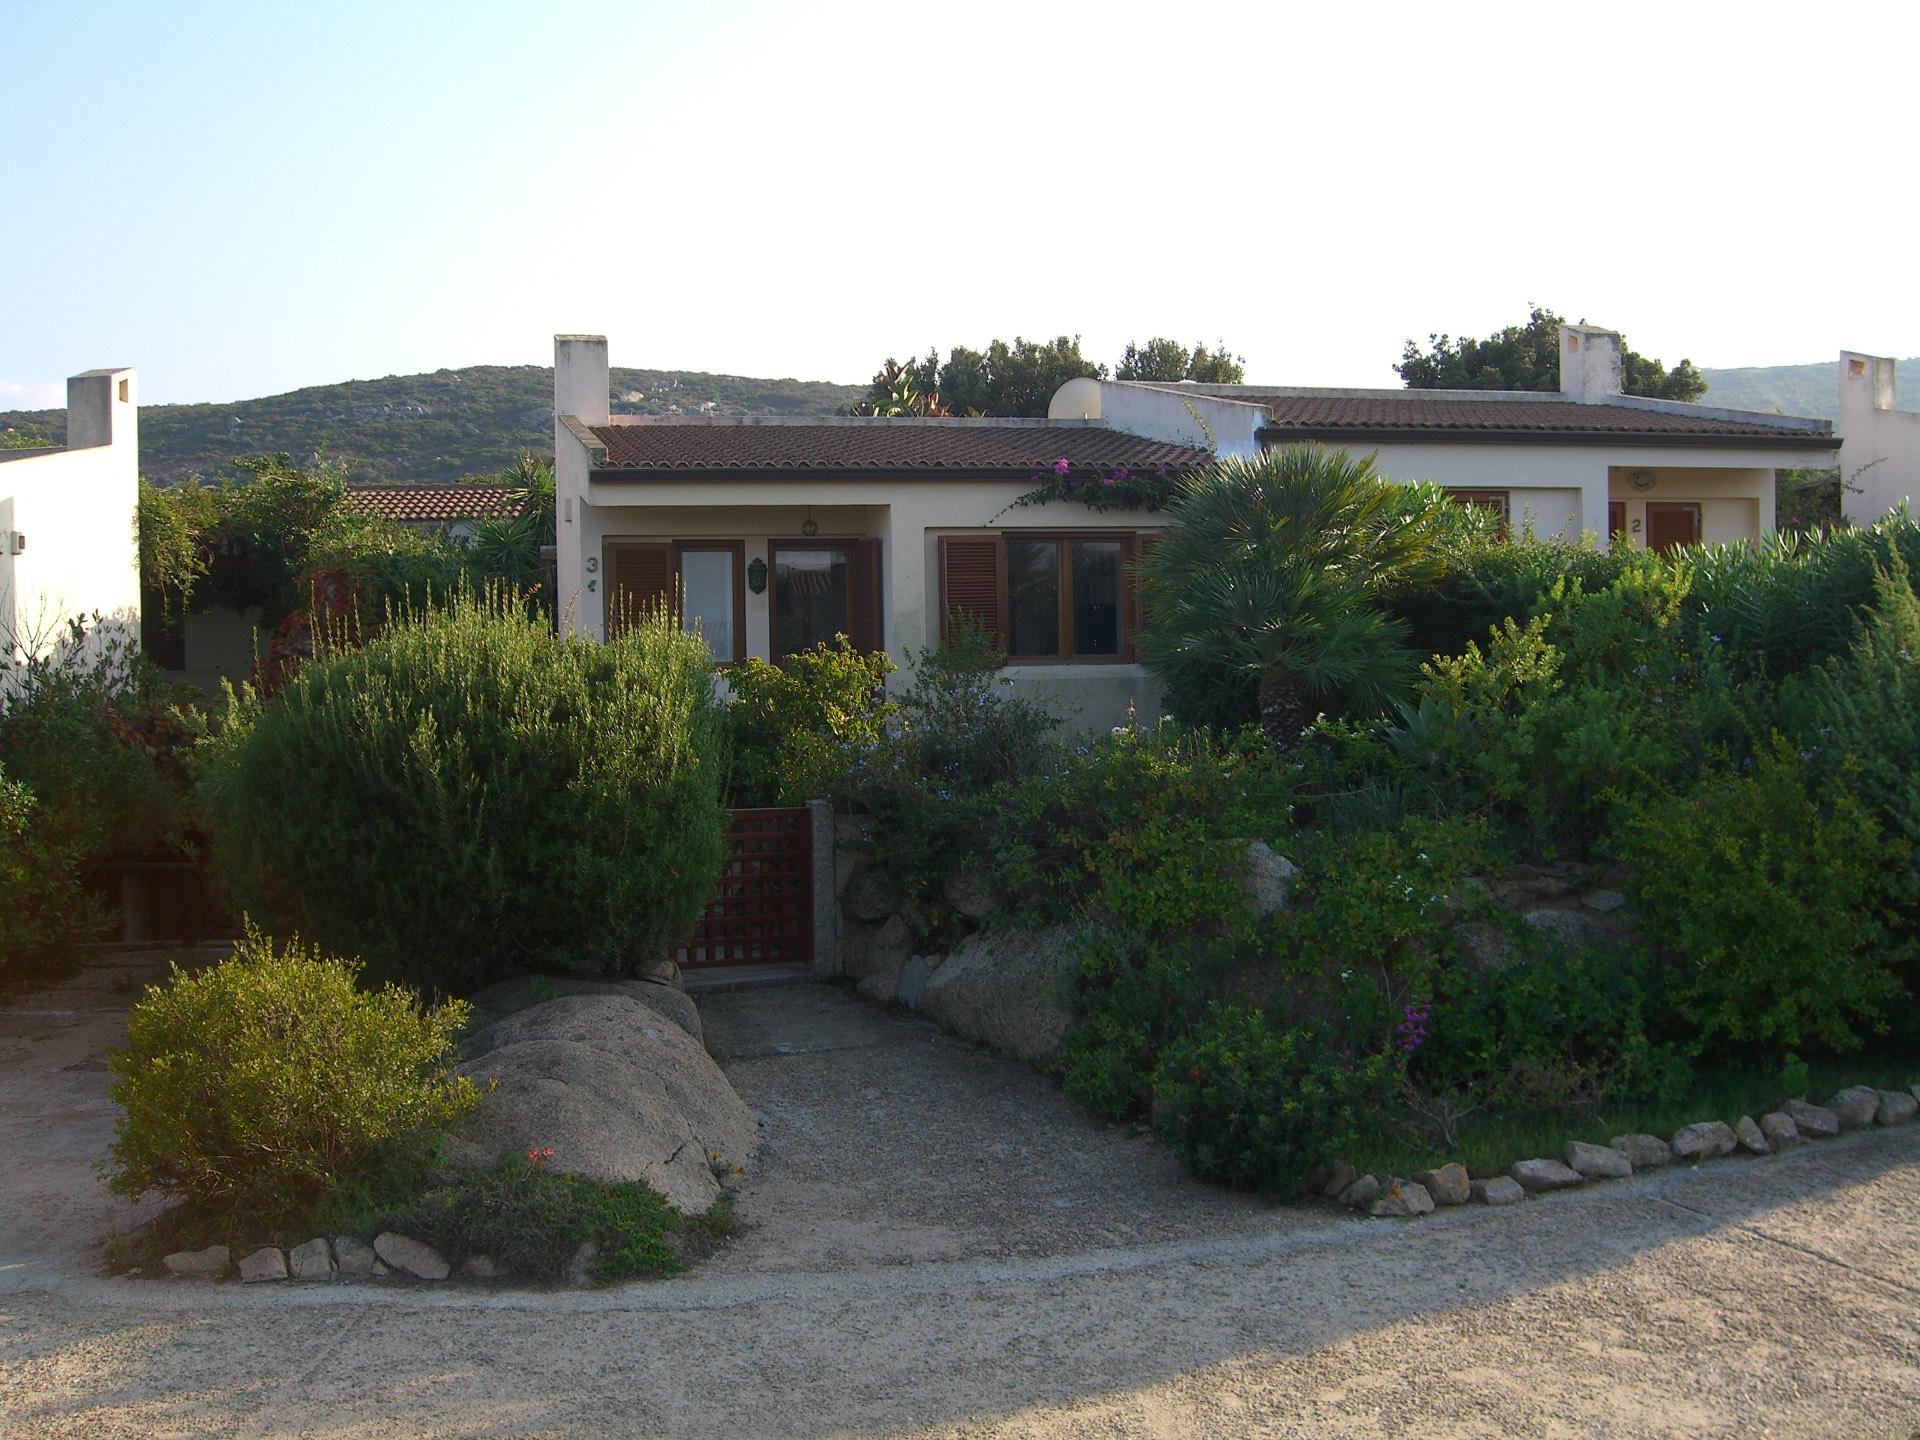 Case in vendita provincia sassari cerco casa in vendita for Cerco ufficio in affitto roma